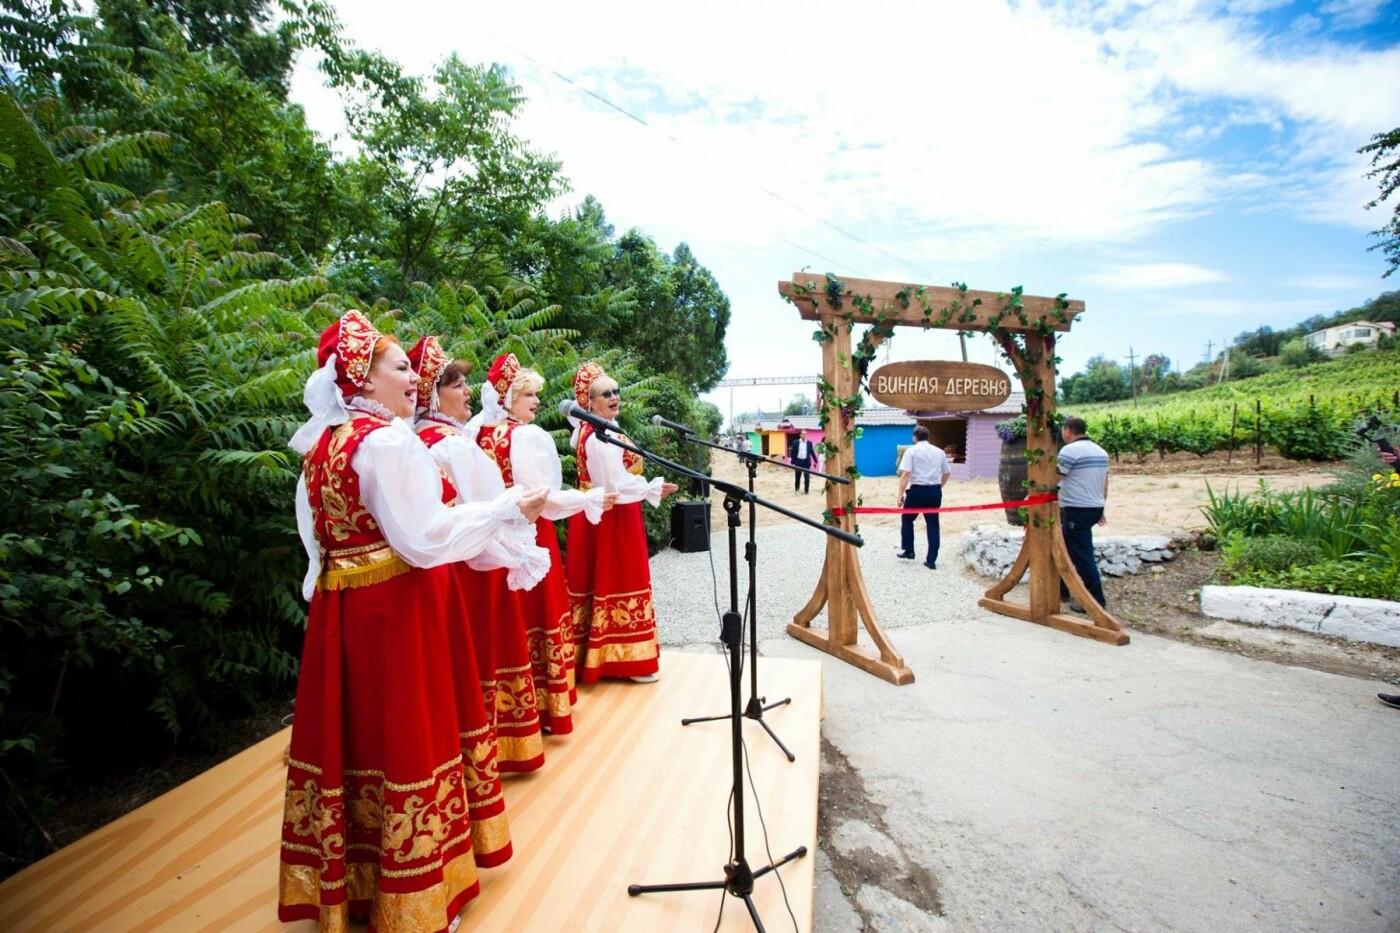 В Крыму открылась первая «винная деревня» Массандры, фото-2